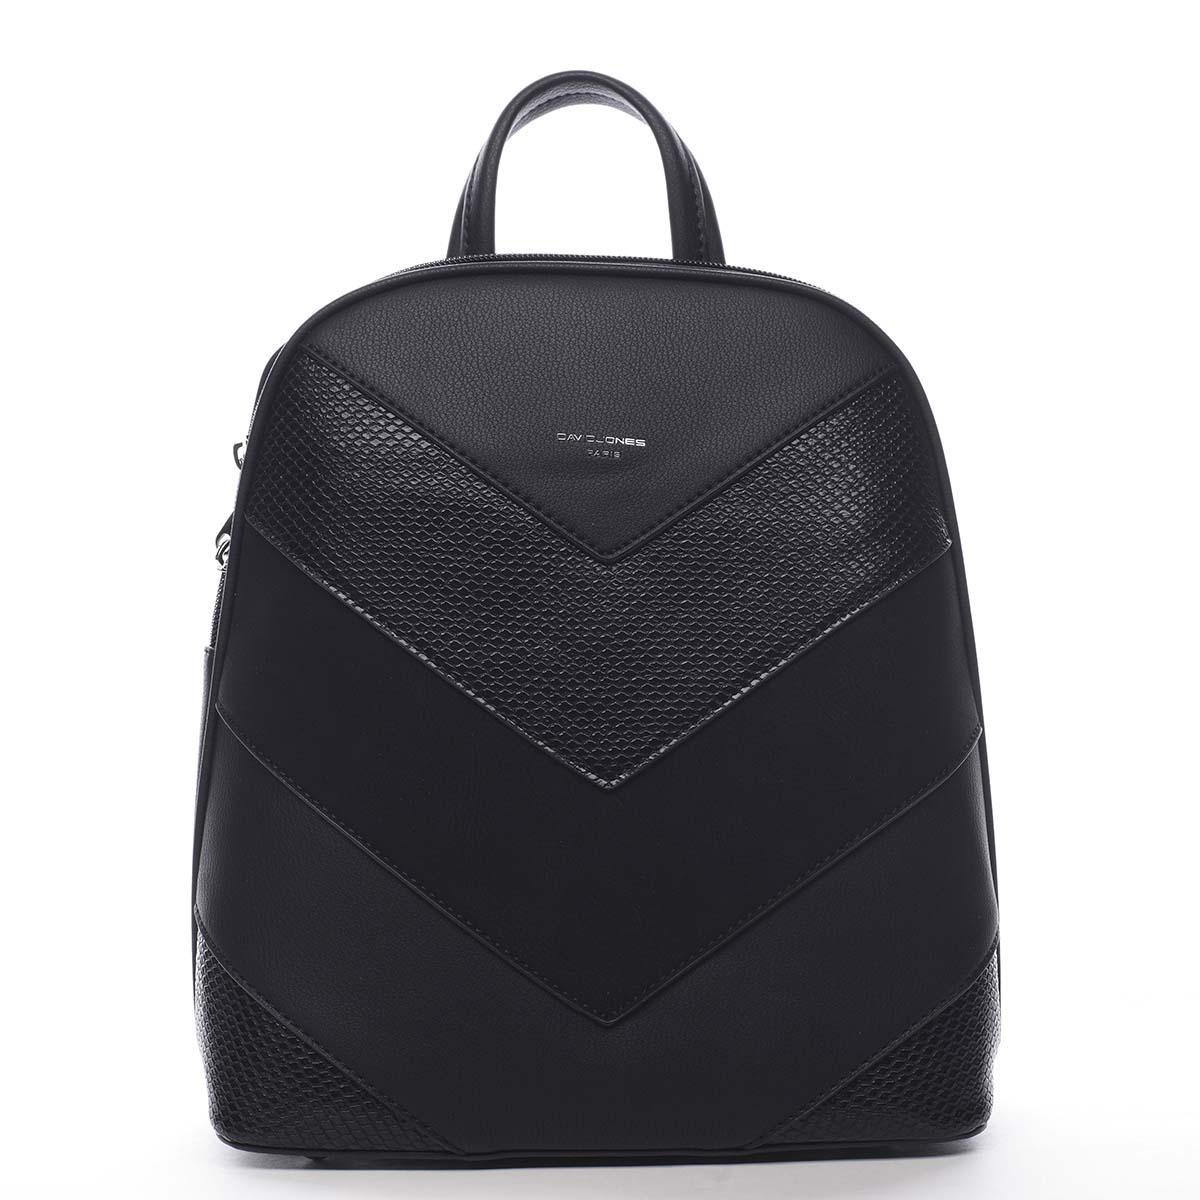 Dámsky mestský batoh čierny - David Jones JeanBell